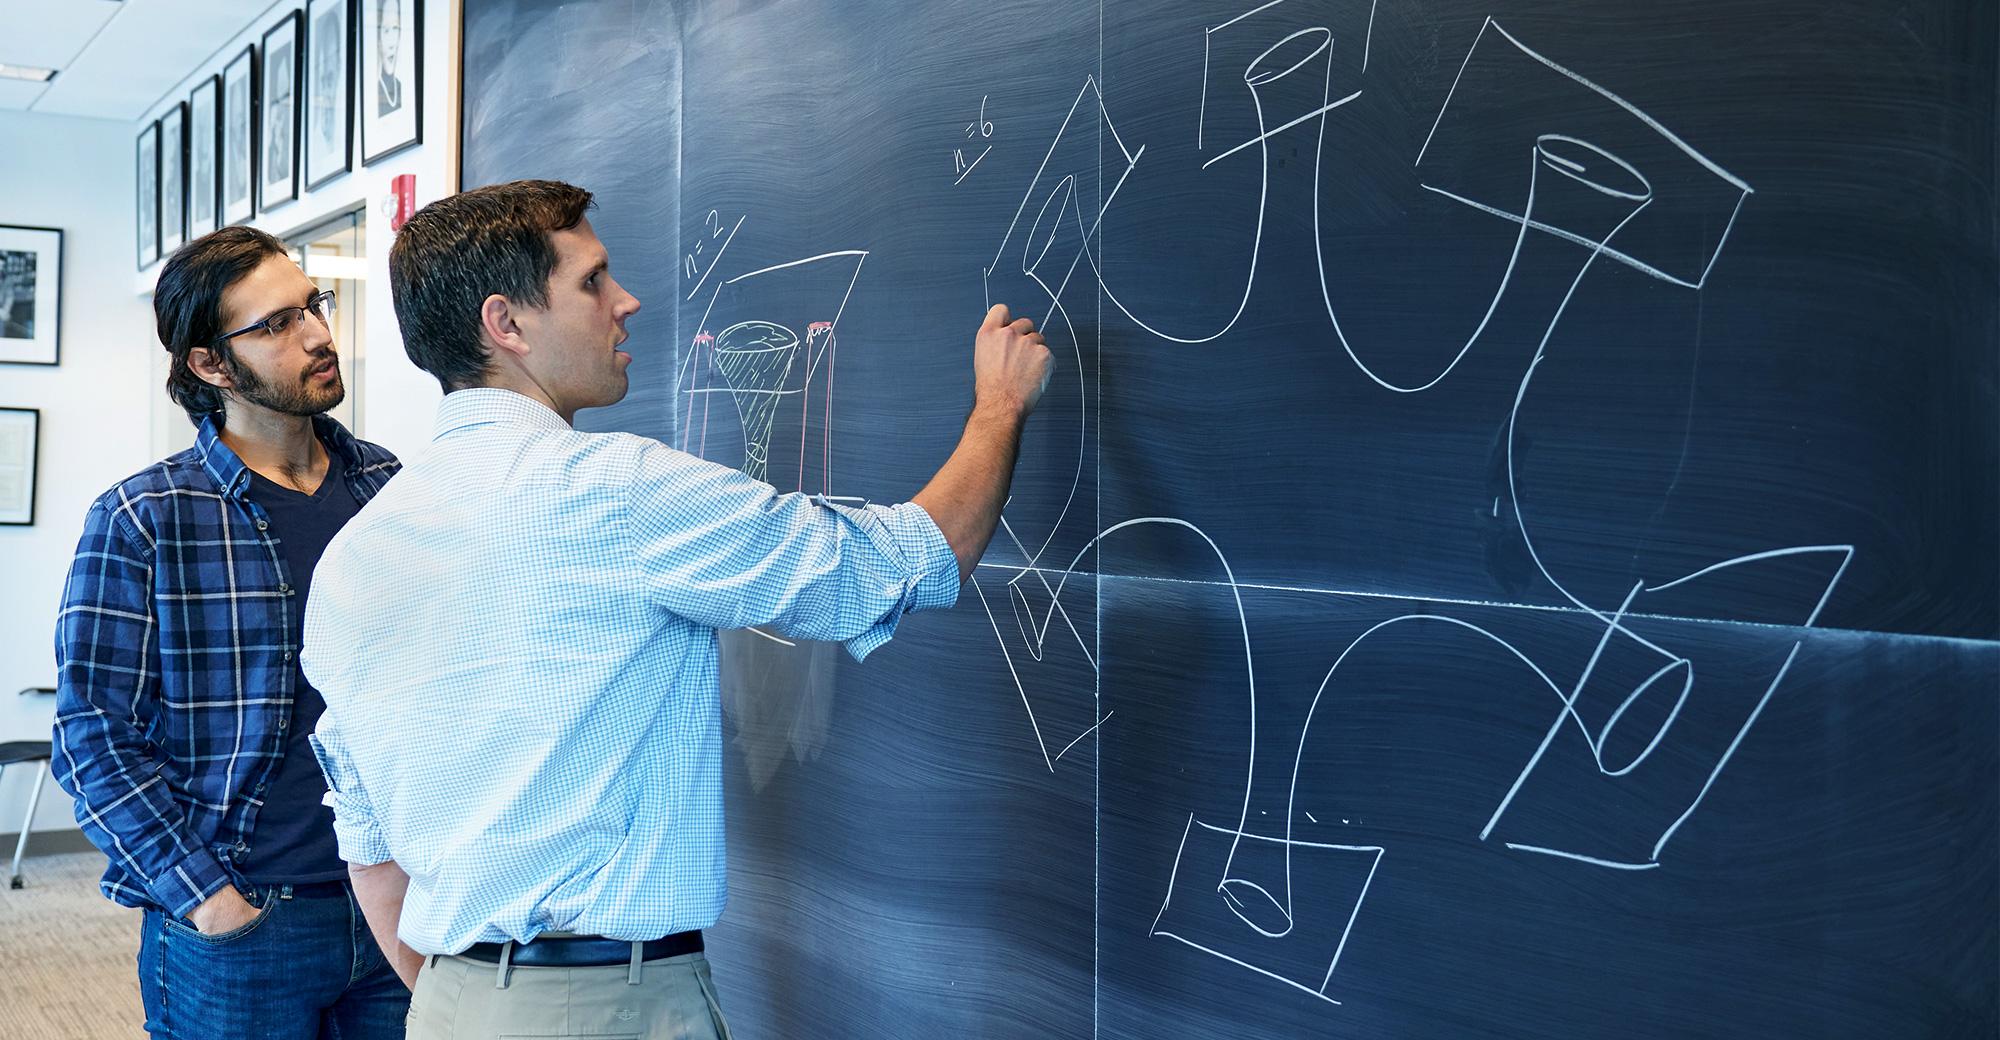 Tom Hartman and Amirhossein Tajdi at a chalkboard.